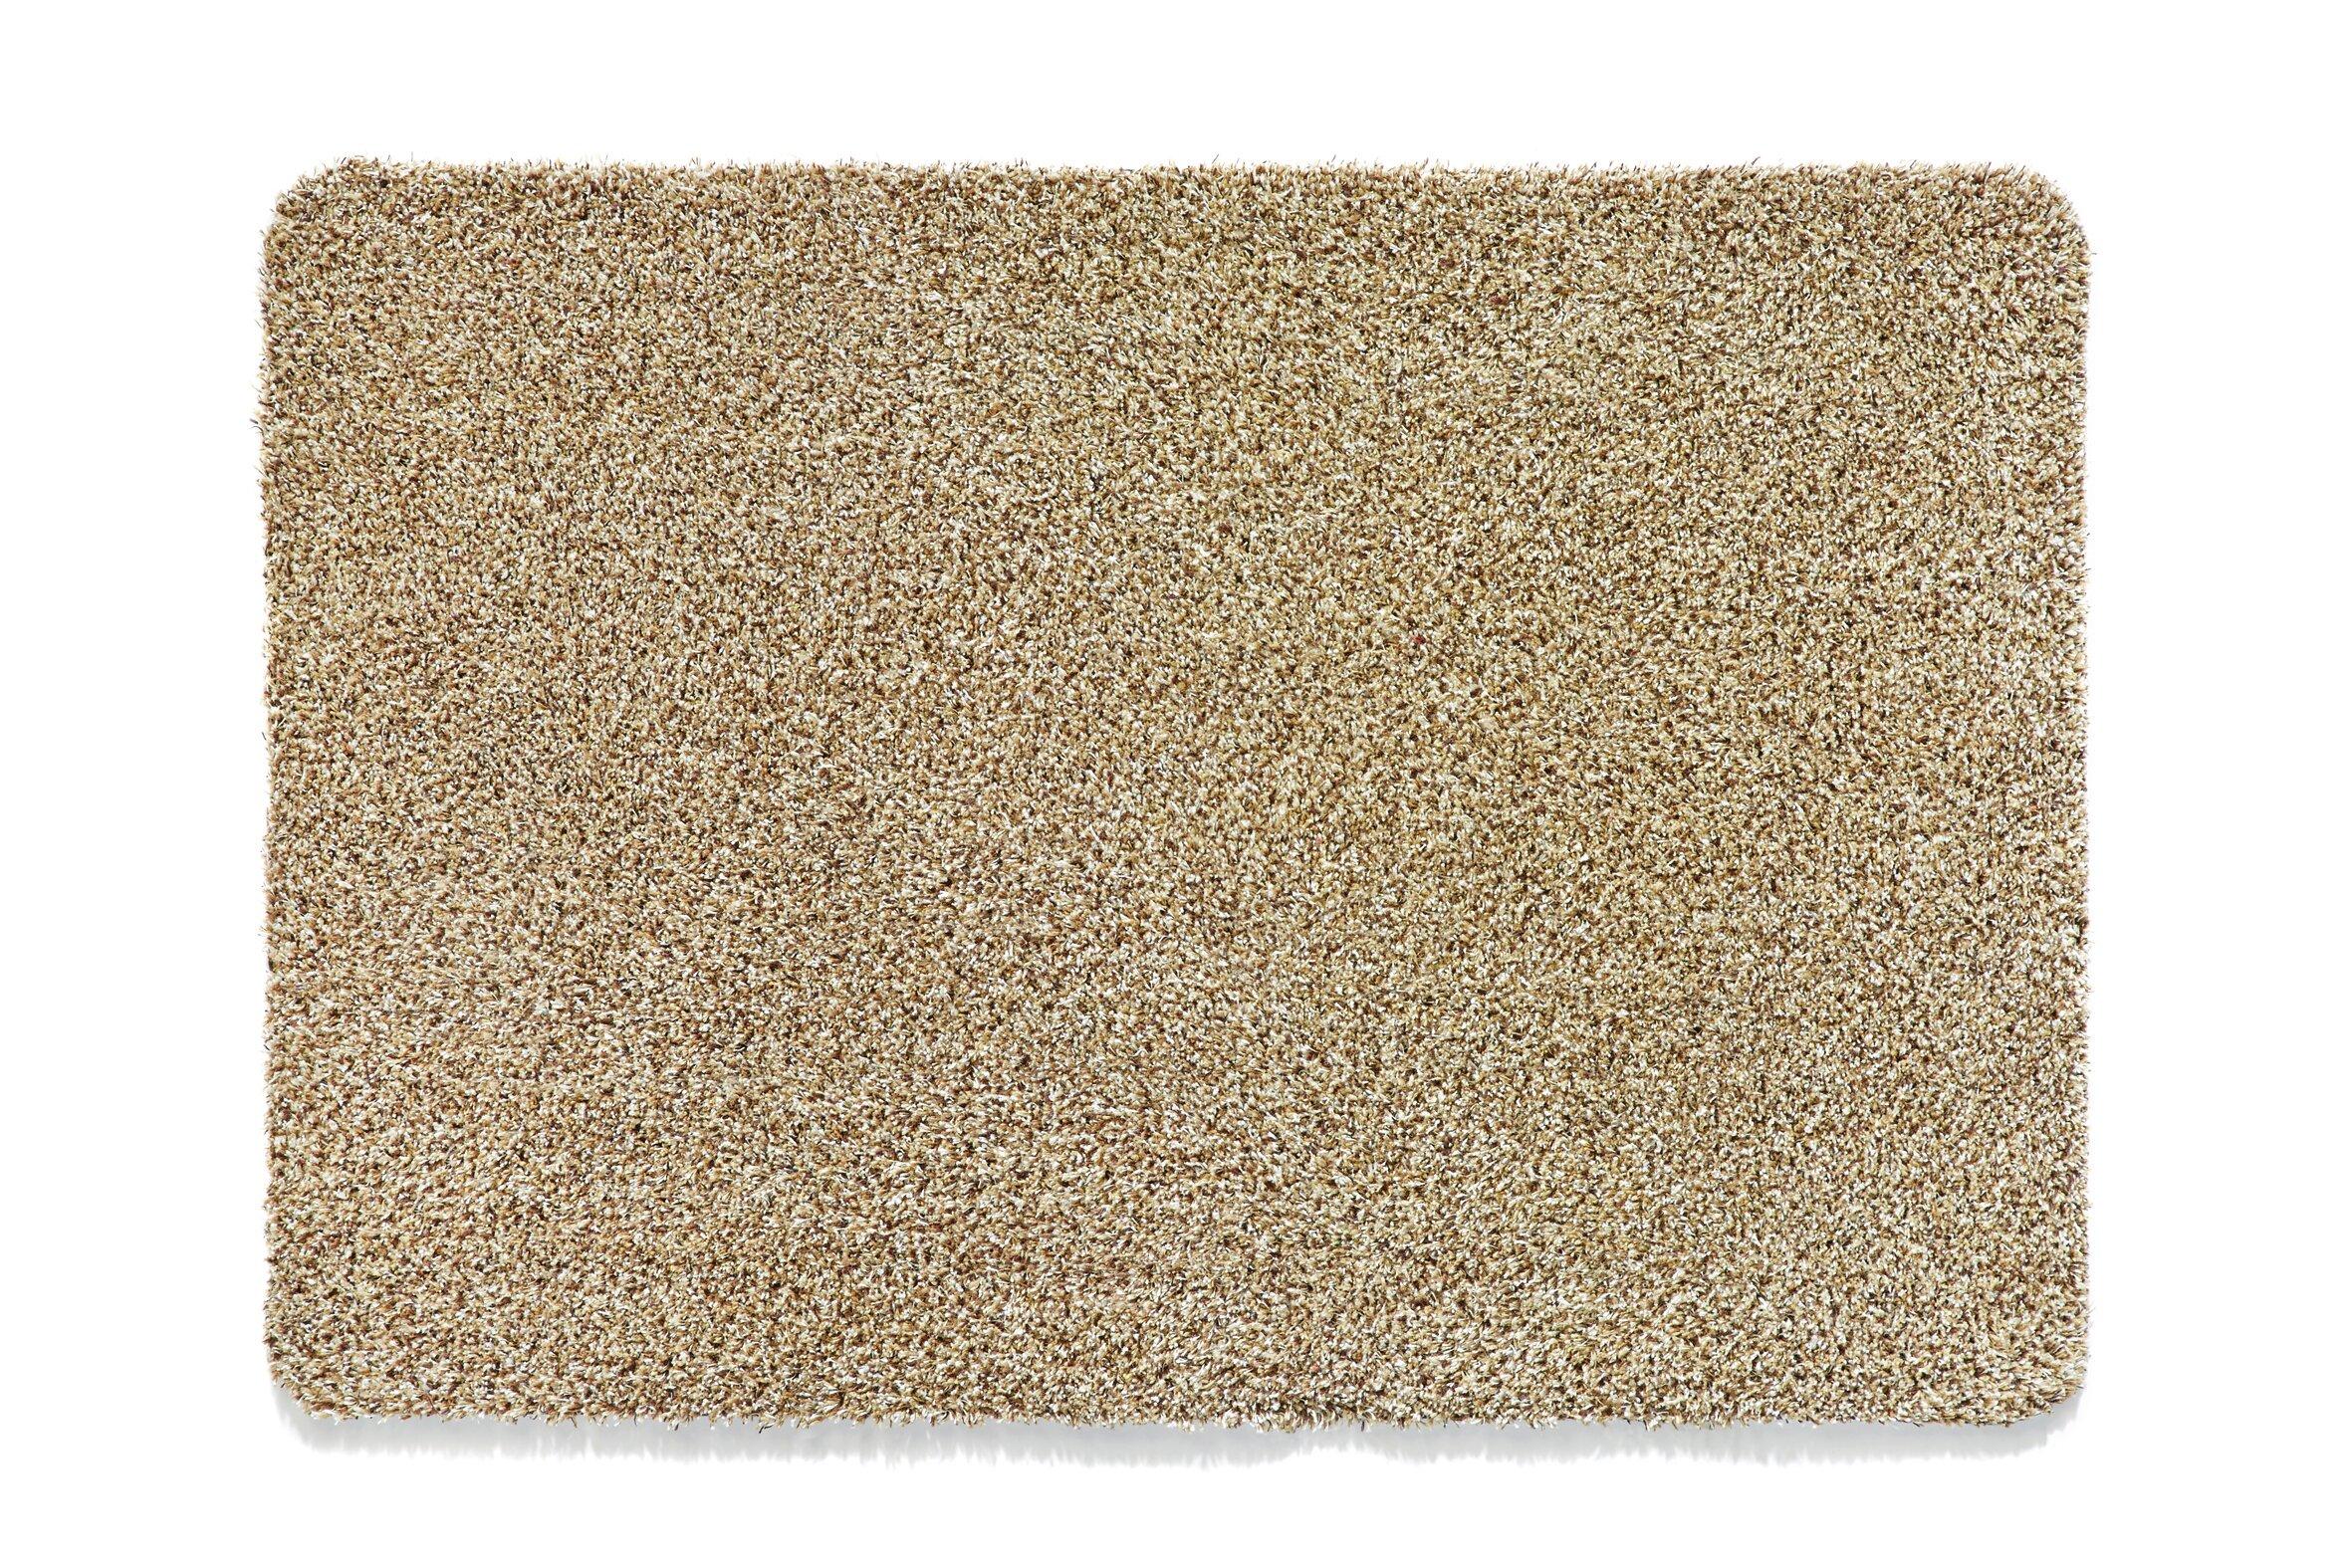 Nice Hug Rug Muddle Mat Doormat U0026 Reviews   Wayfair